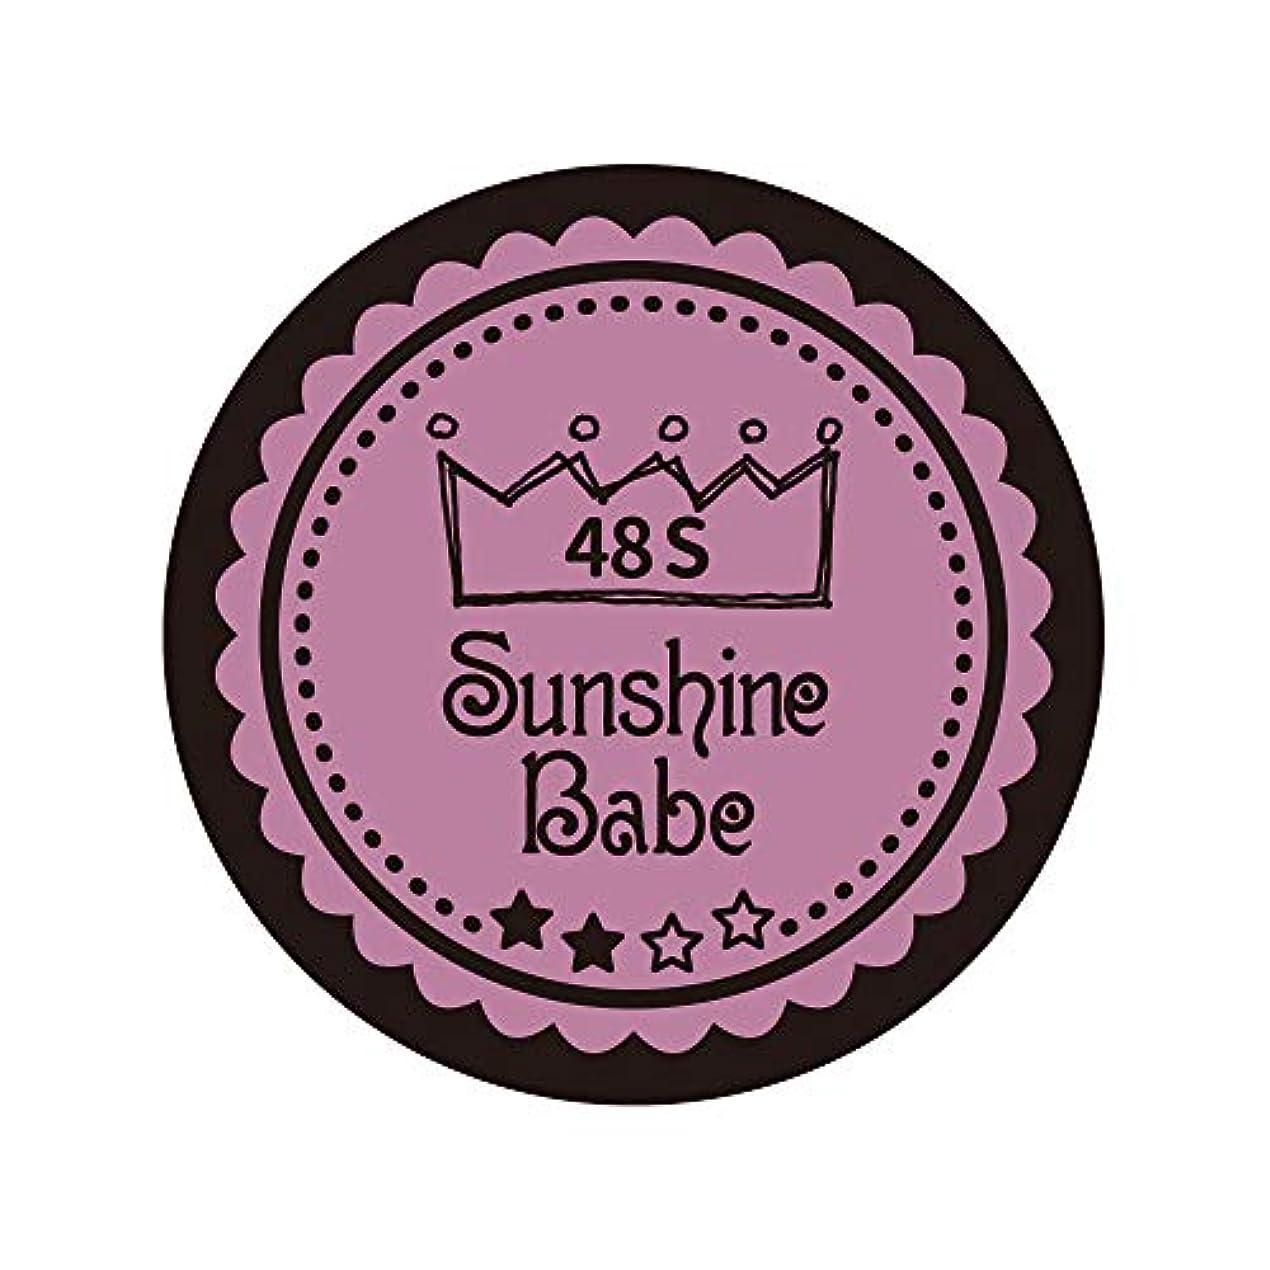 疼痛くつろぐ思い出すSunshine Babe カラージェル 48S ペールモーブ 2.7g UV/LED対応